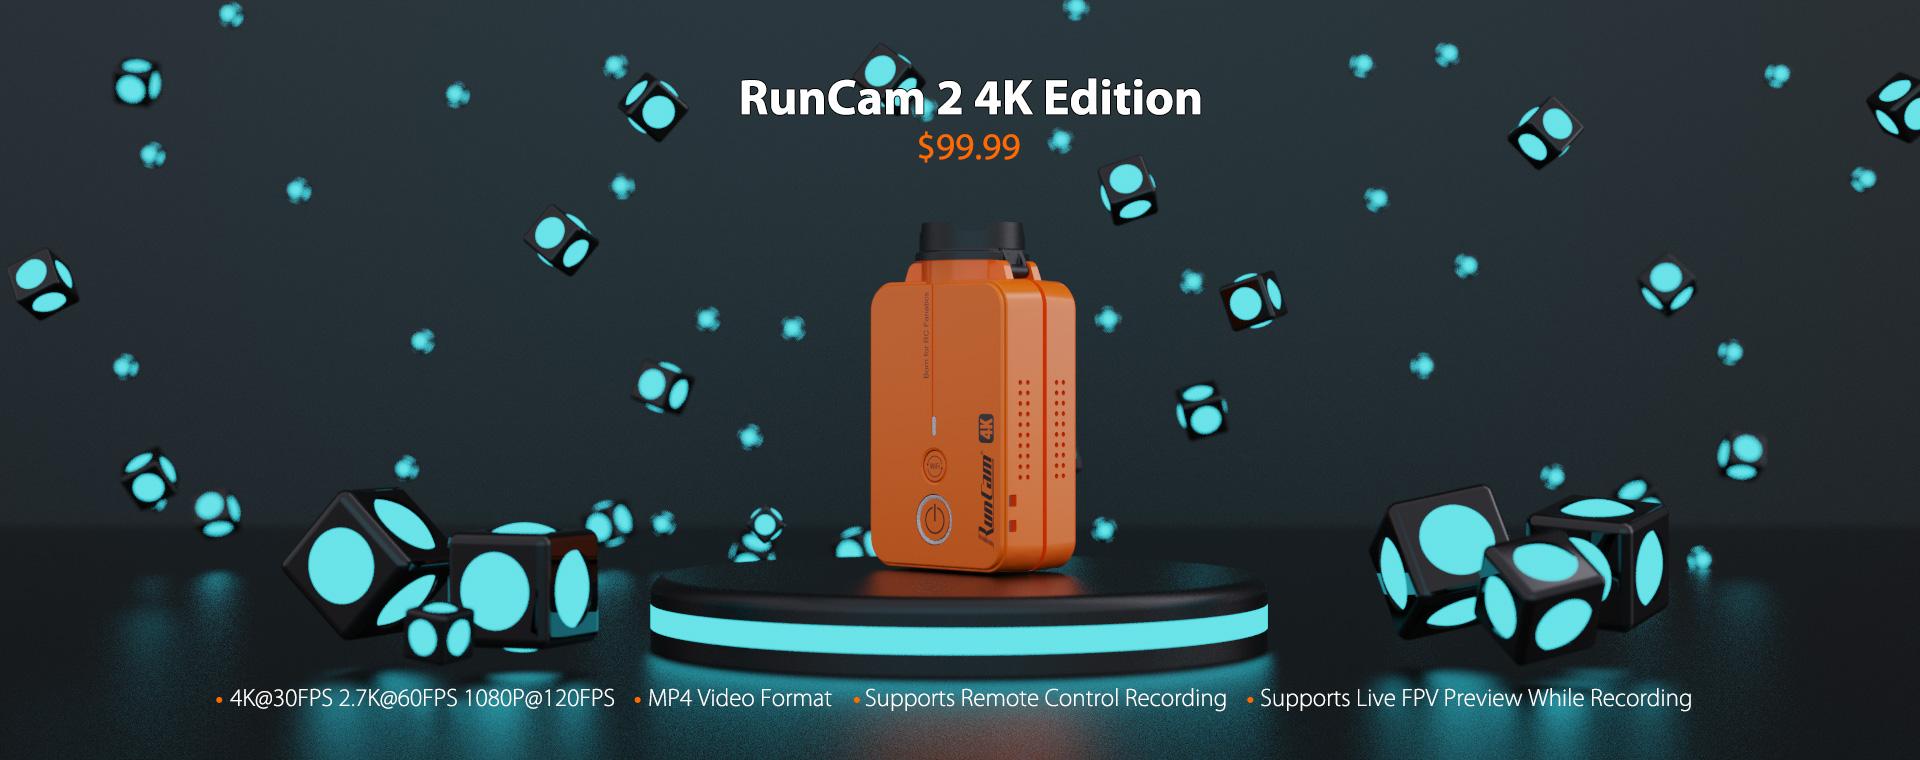 RunCam2 4K Edition